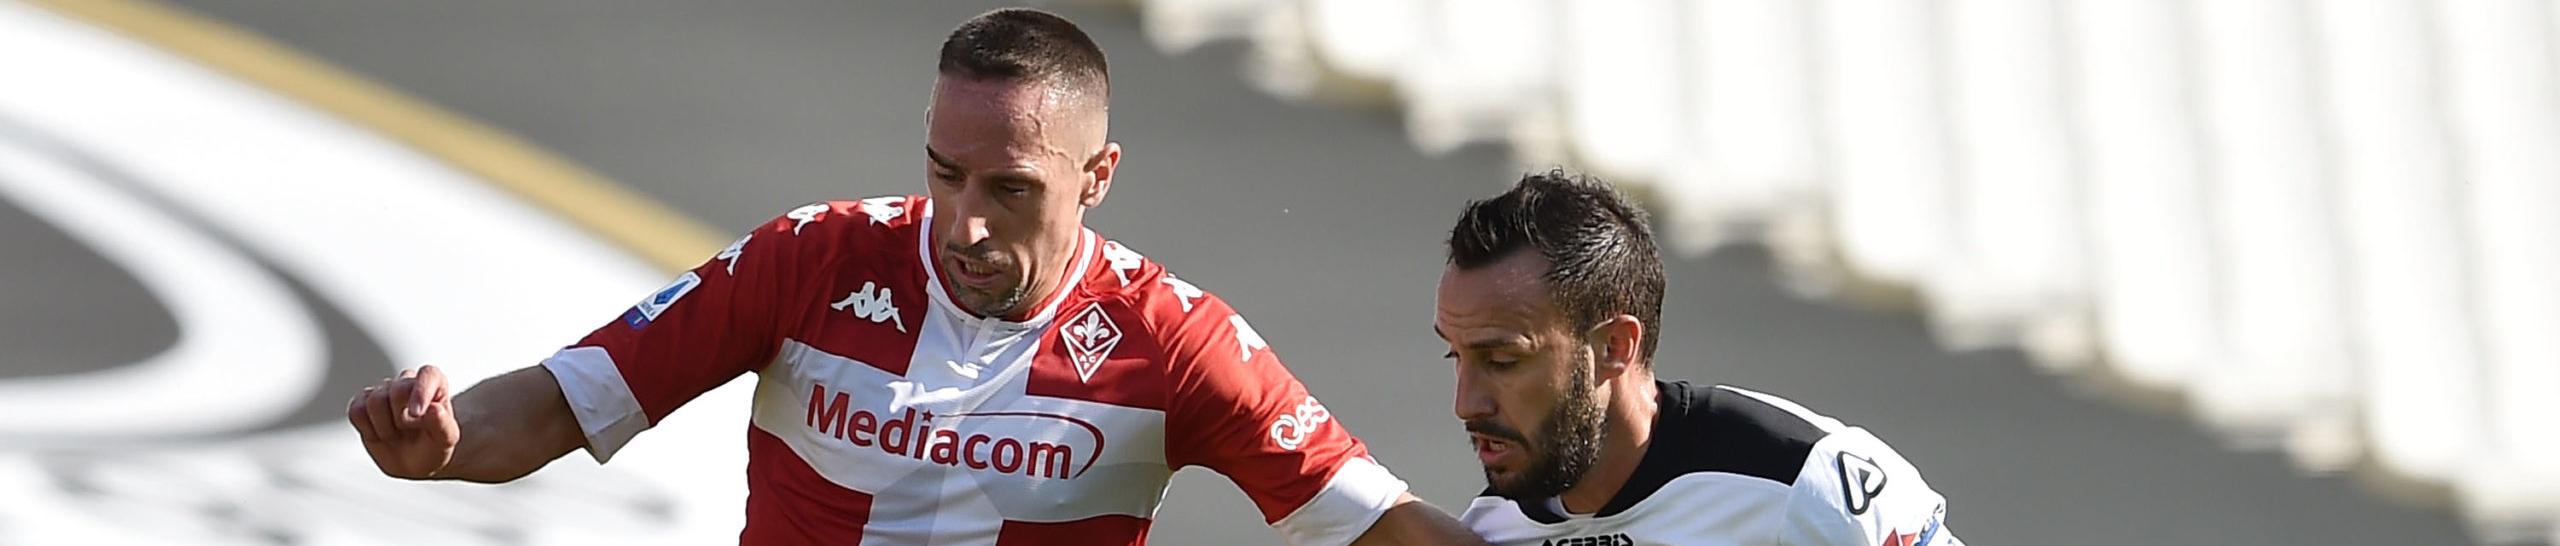 Fiorentina-Spezia, i viola in difficoltà si aggrappano a Ribery